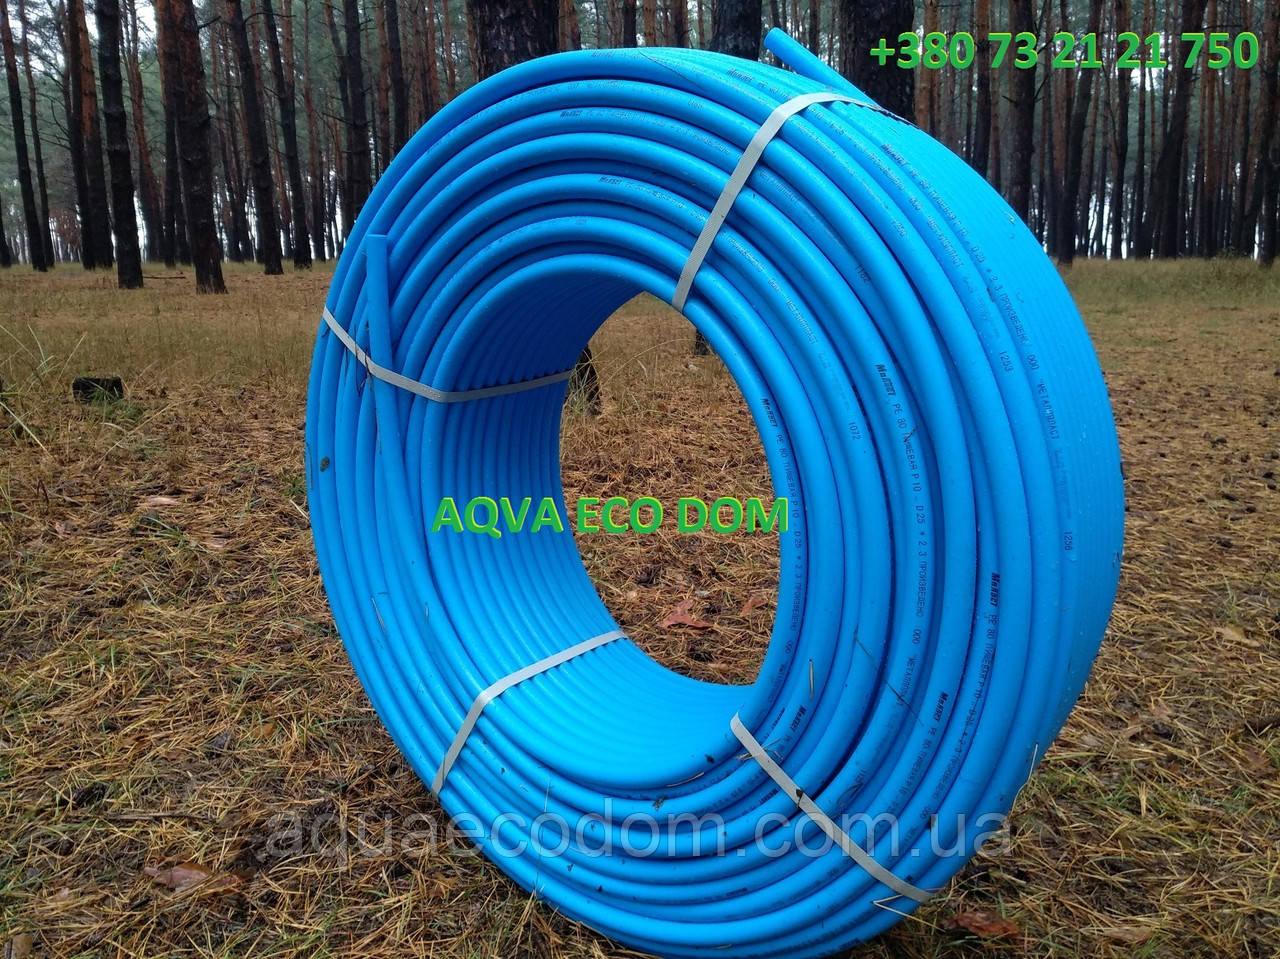 Пищевая труба полиэтиленовая 63 мм 6 атм (синяя)